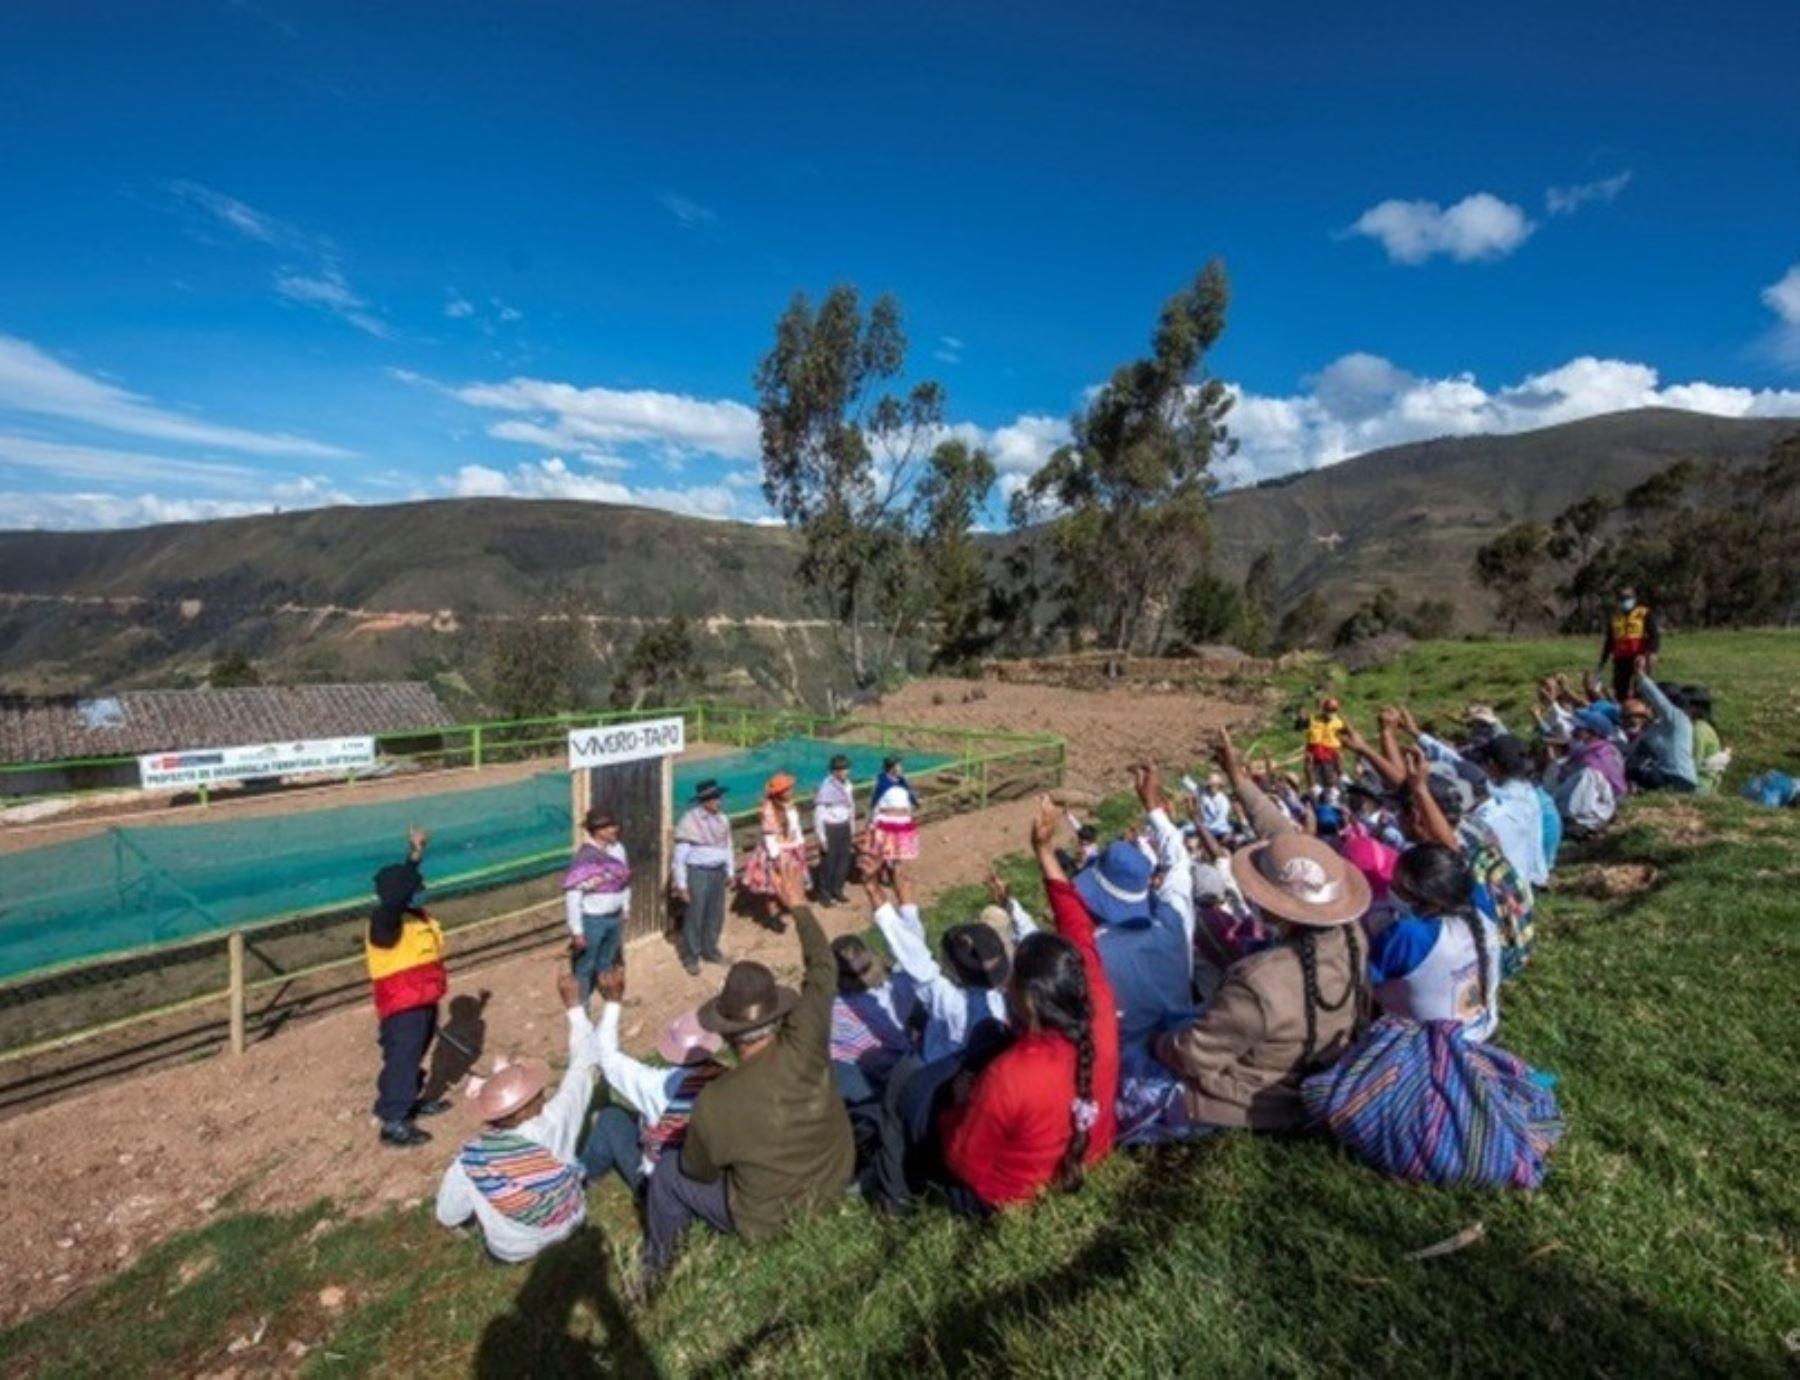 Agro Rural lanza concurso de servicios de extensión agraria rural en 11 regiones del país que tiene como objetivo beneficiar a más de 8,000 productores que se dedican a la agricultura familiar. ANDINA/Difusión